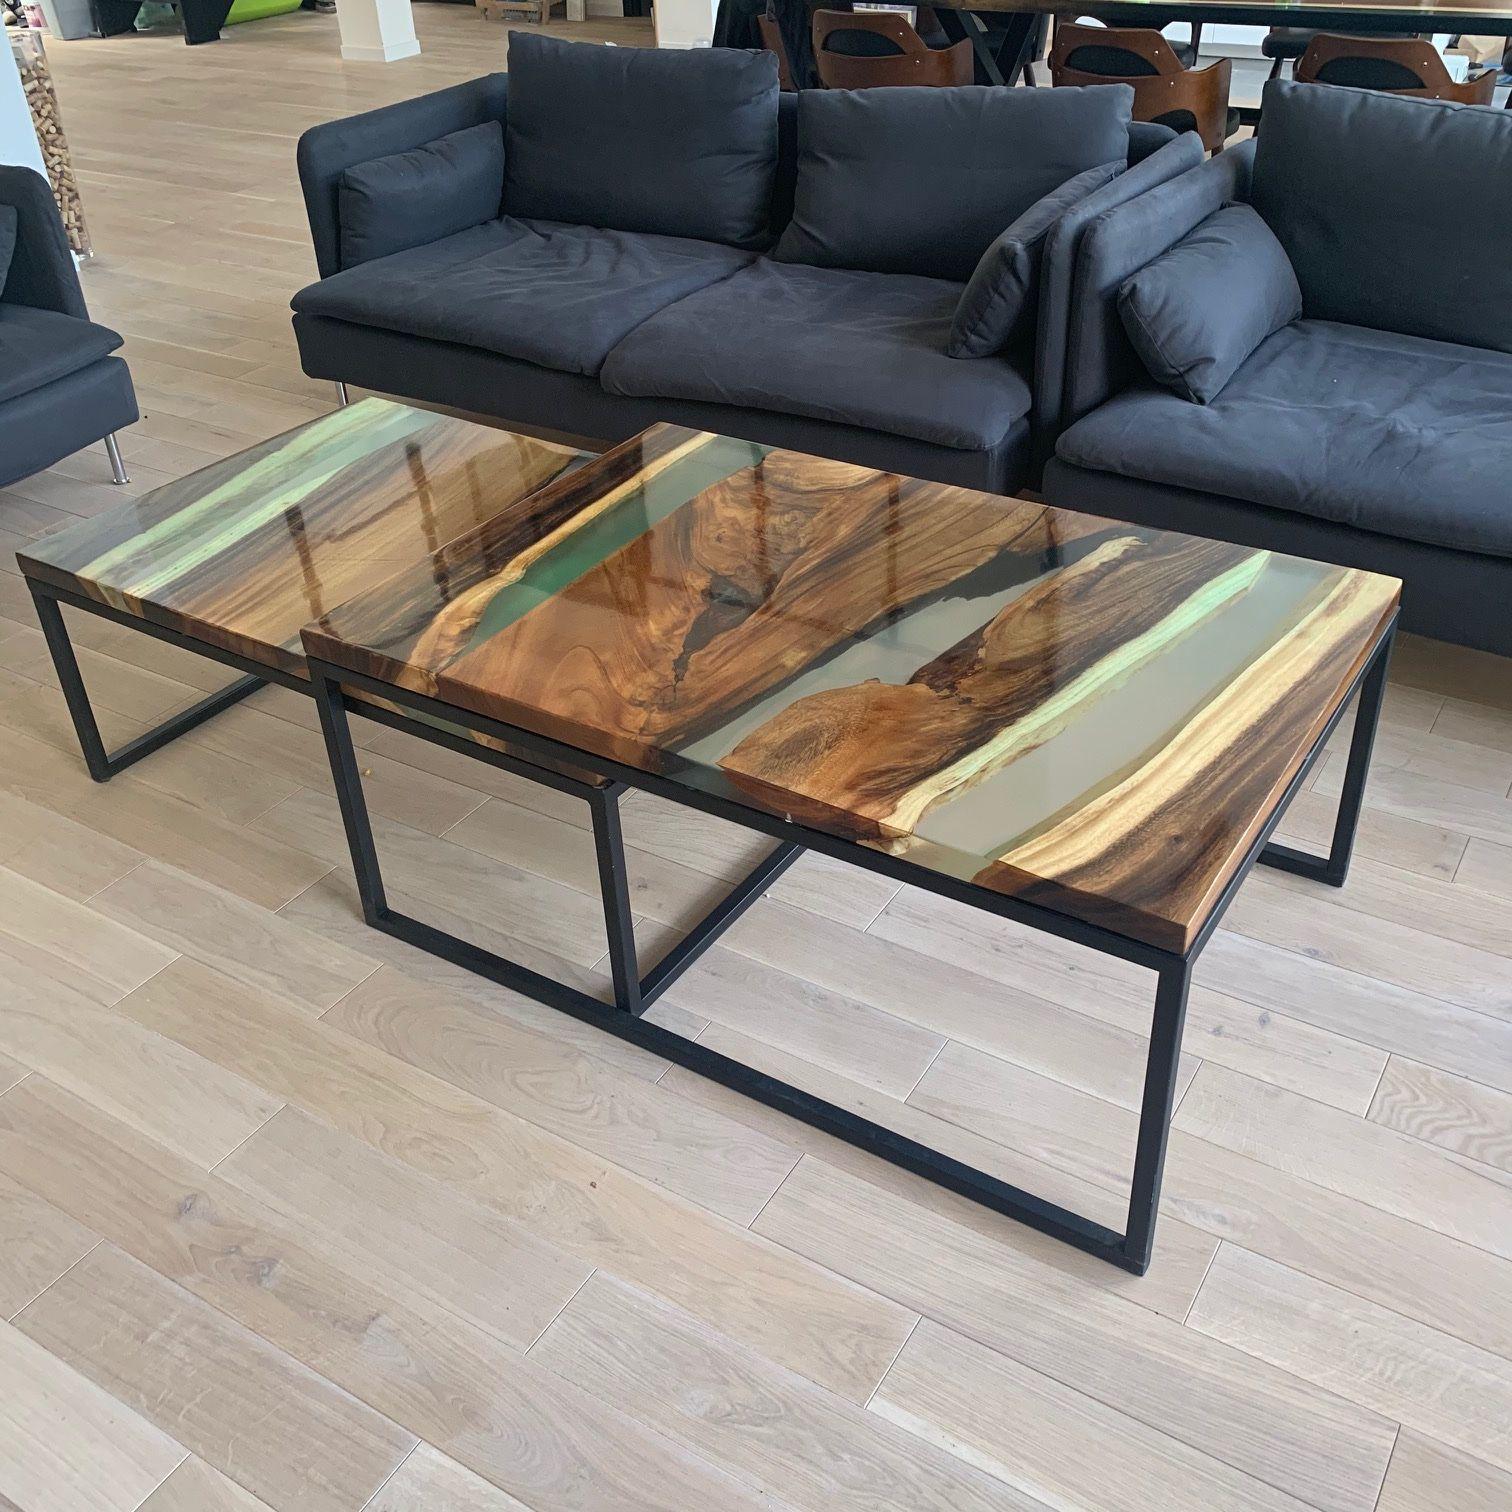 Table Basse Gigogne En Noyer Massif Et Resine Epoxy Mobilier En Bois Repeindre Table Basse Table De Resine